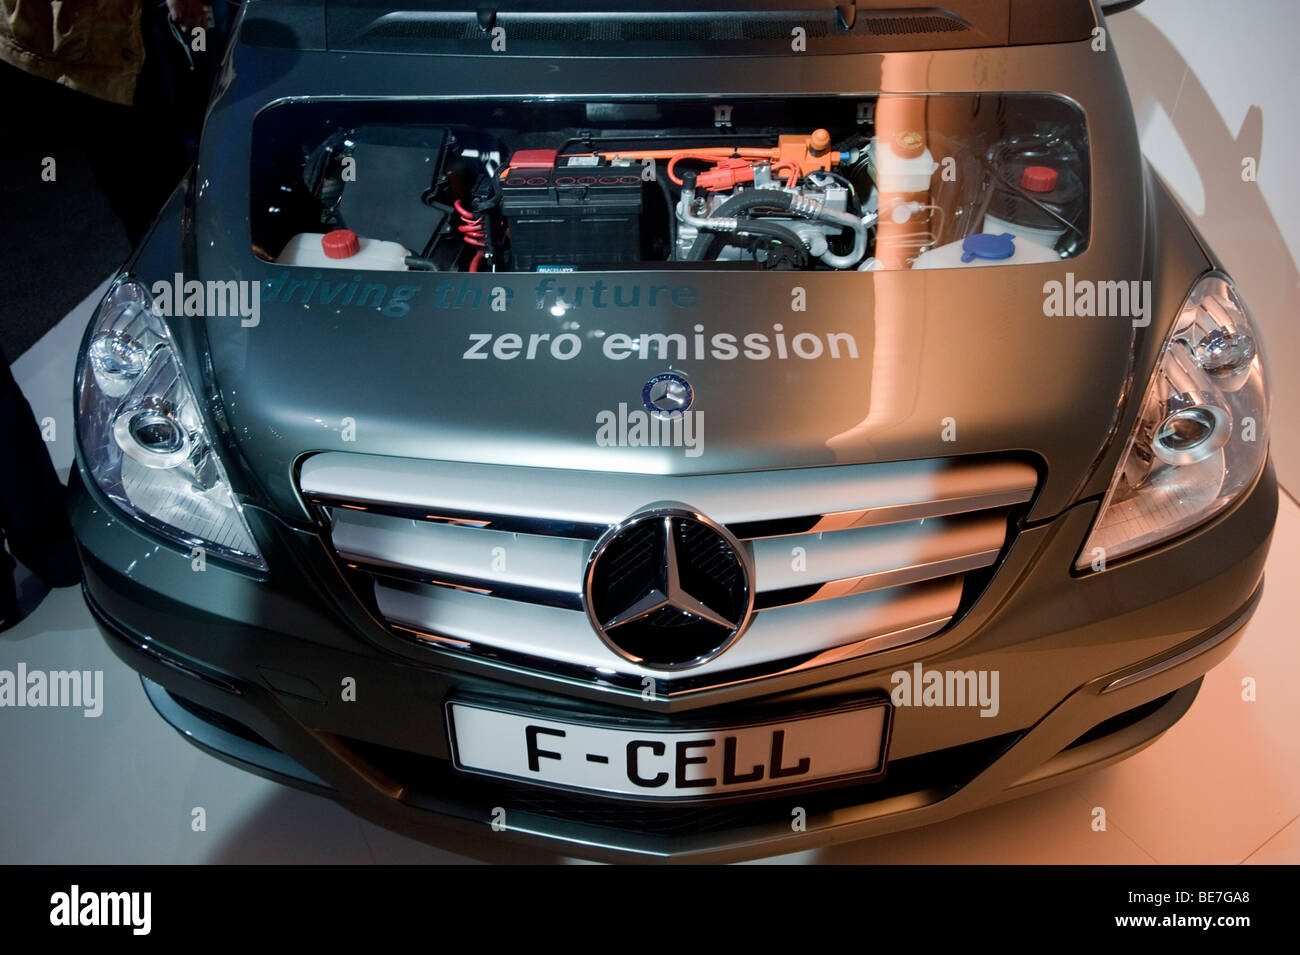 Dettaglio della Mercedes con cella a combustibile idrogeno motore sul display al Salone di Francoforte 2009 Immagini Stock